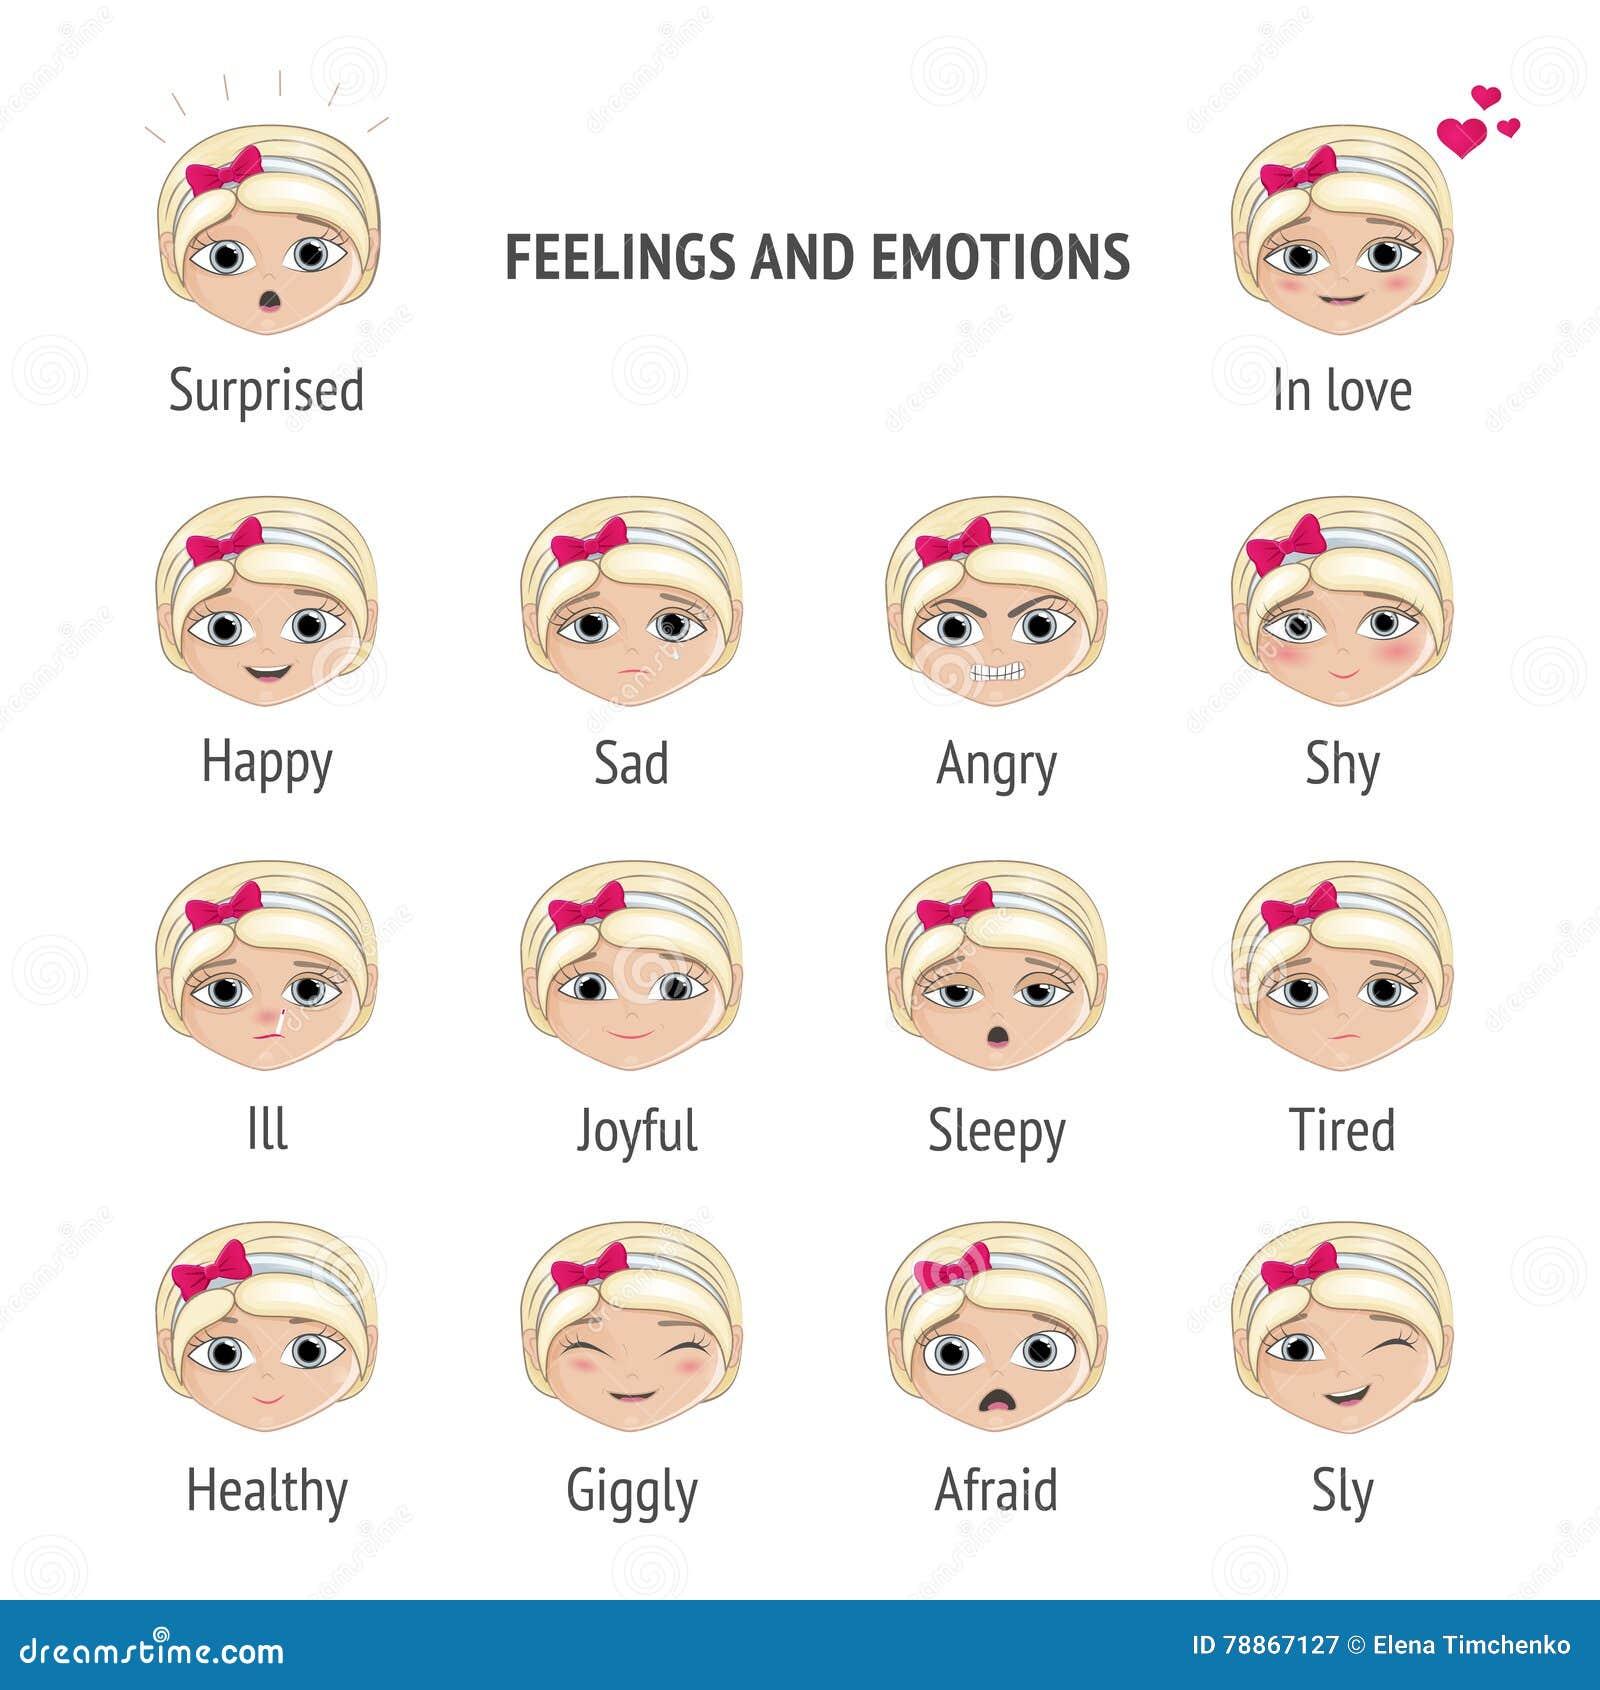 Atemberaubend Gefühle Gesichter Malvorlagen Fotos - Malvorlagen Von ...